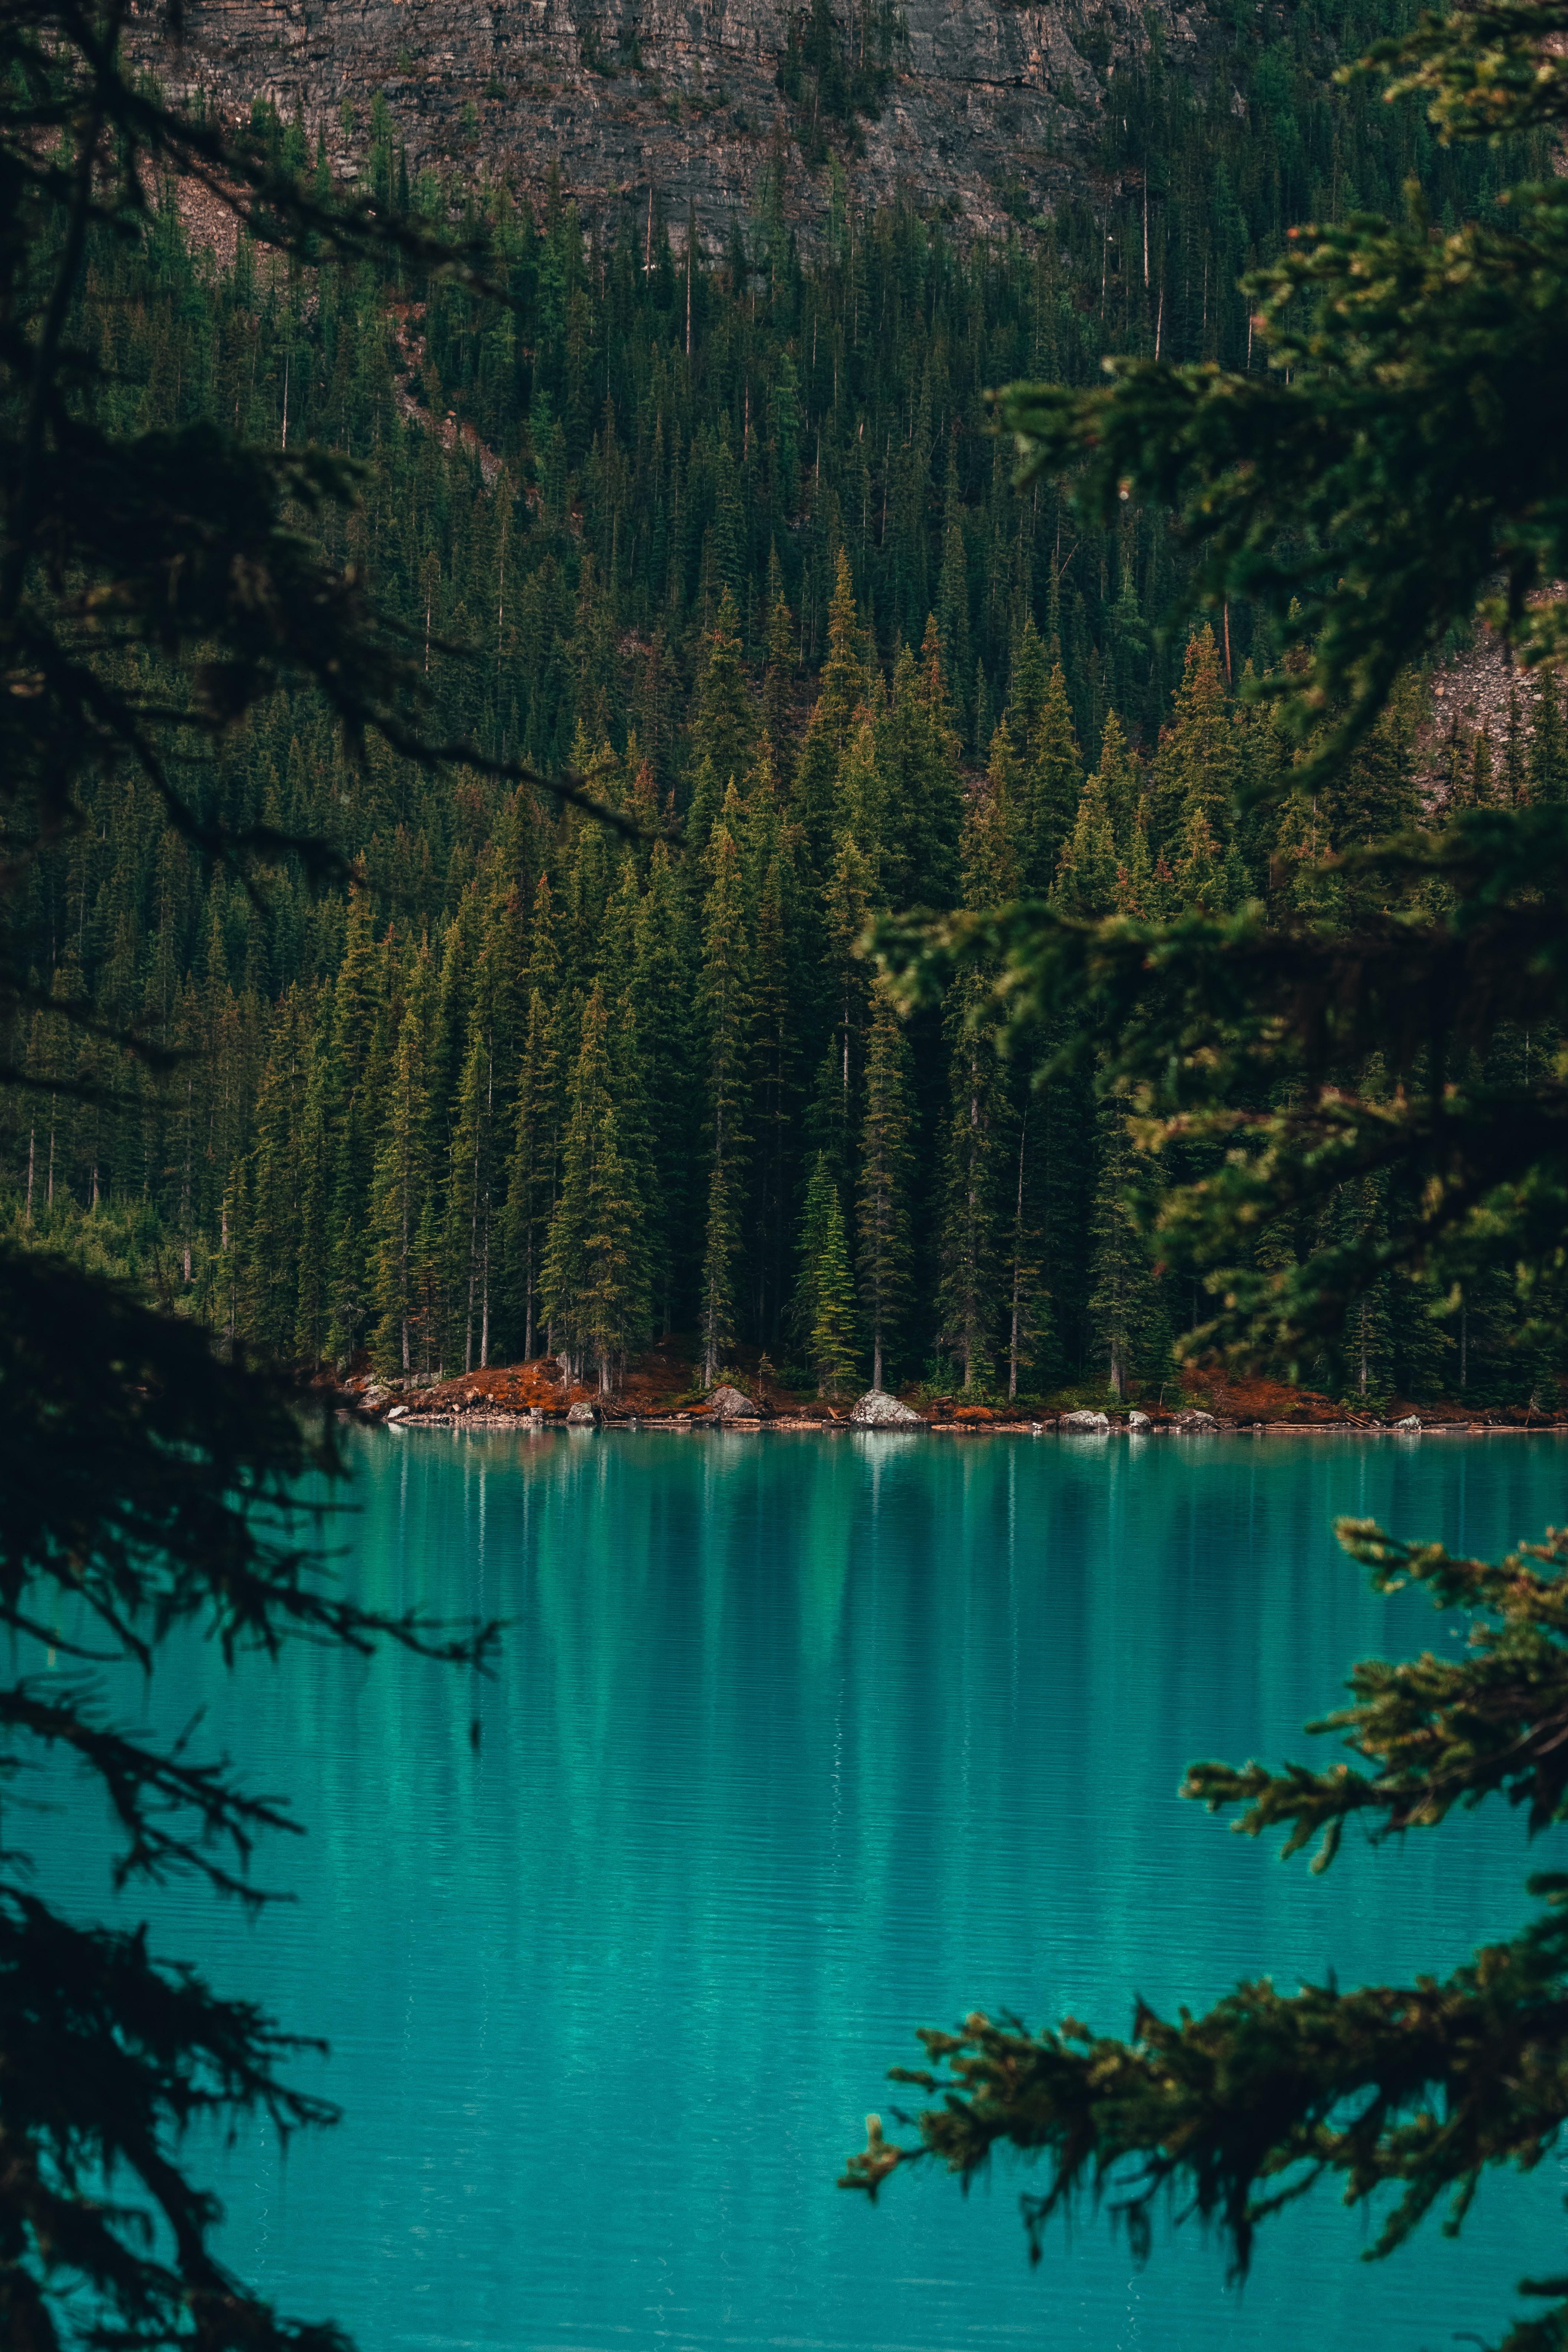 152590 скачать обои Природа, Озеро, Берег, Лес, Деревья, Вода, Сосны - заставки и картинки бесплатно